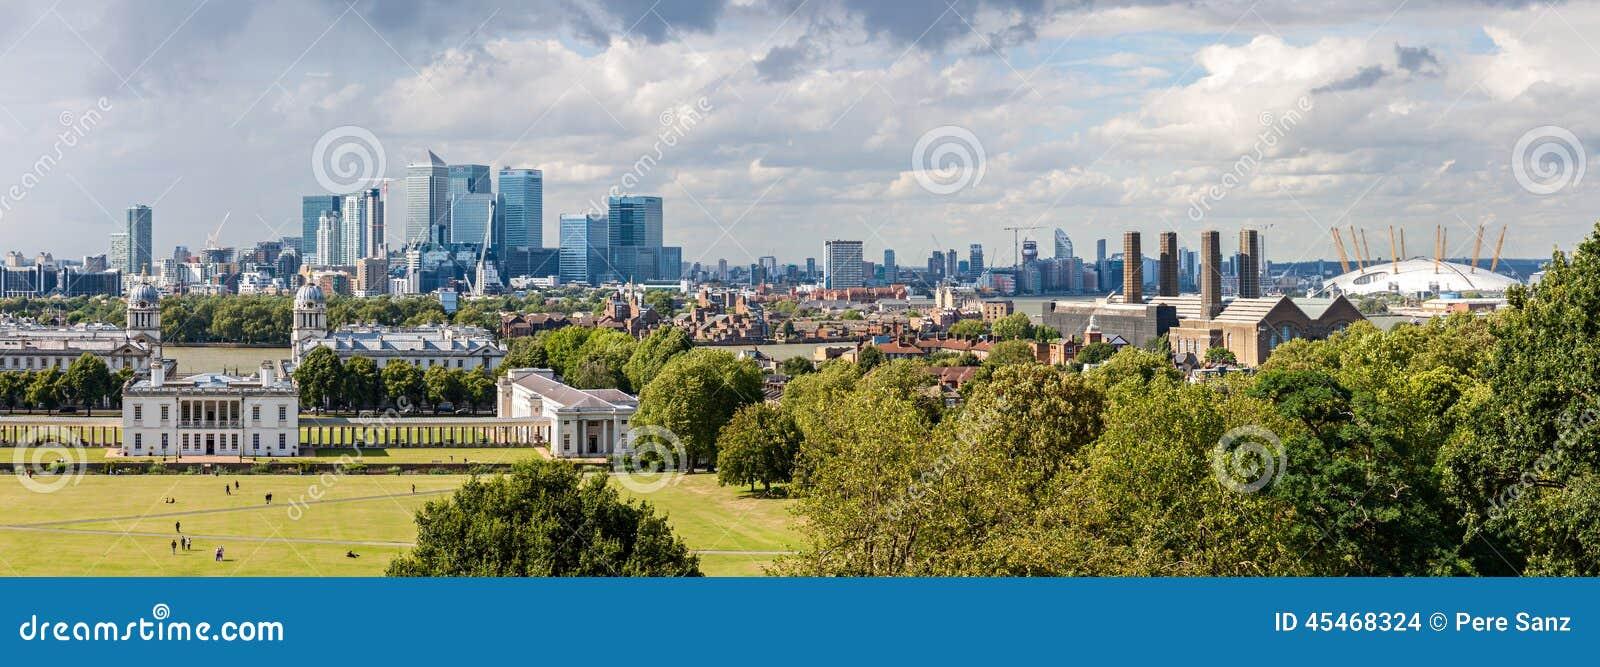 LONDRES - 12 DE AGOSTO: A skyline de Canary Wharf de Greenwich